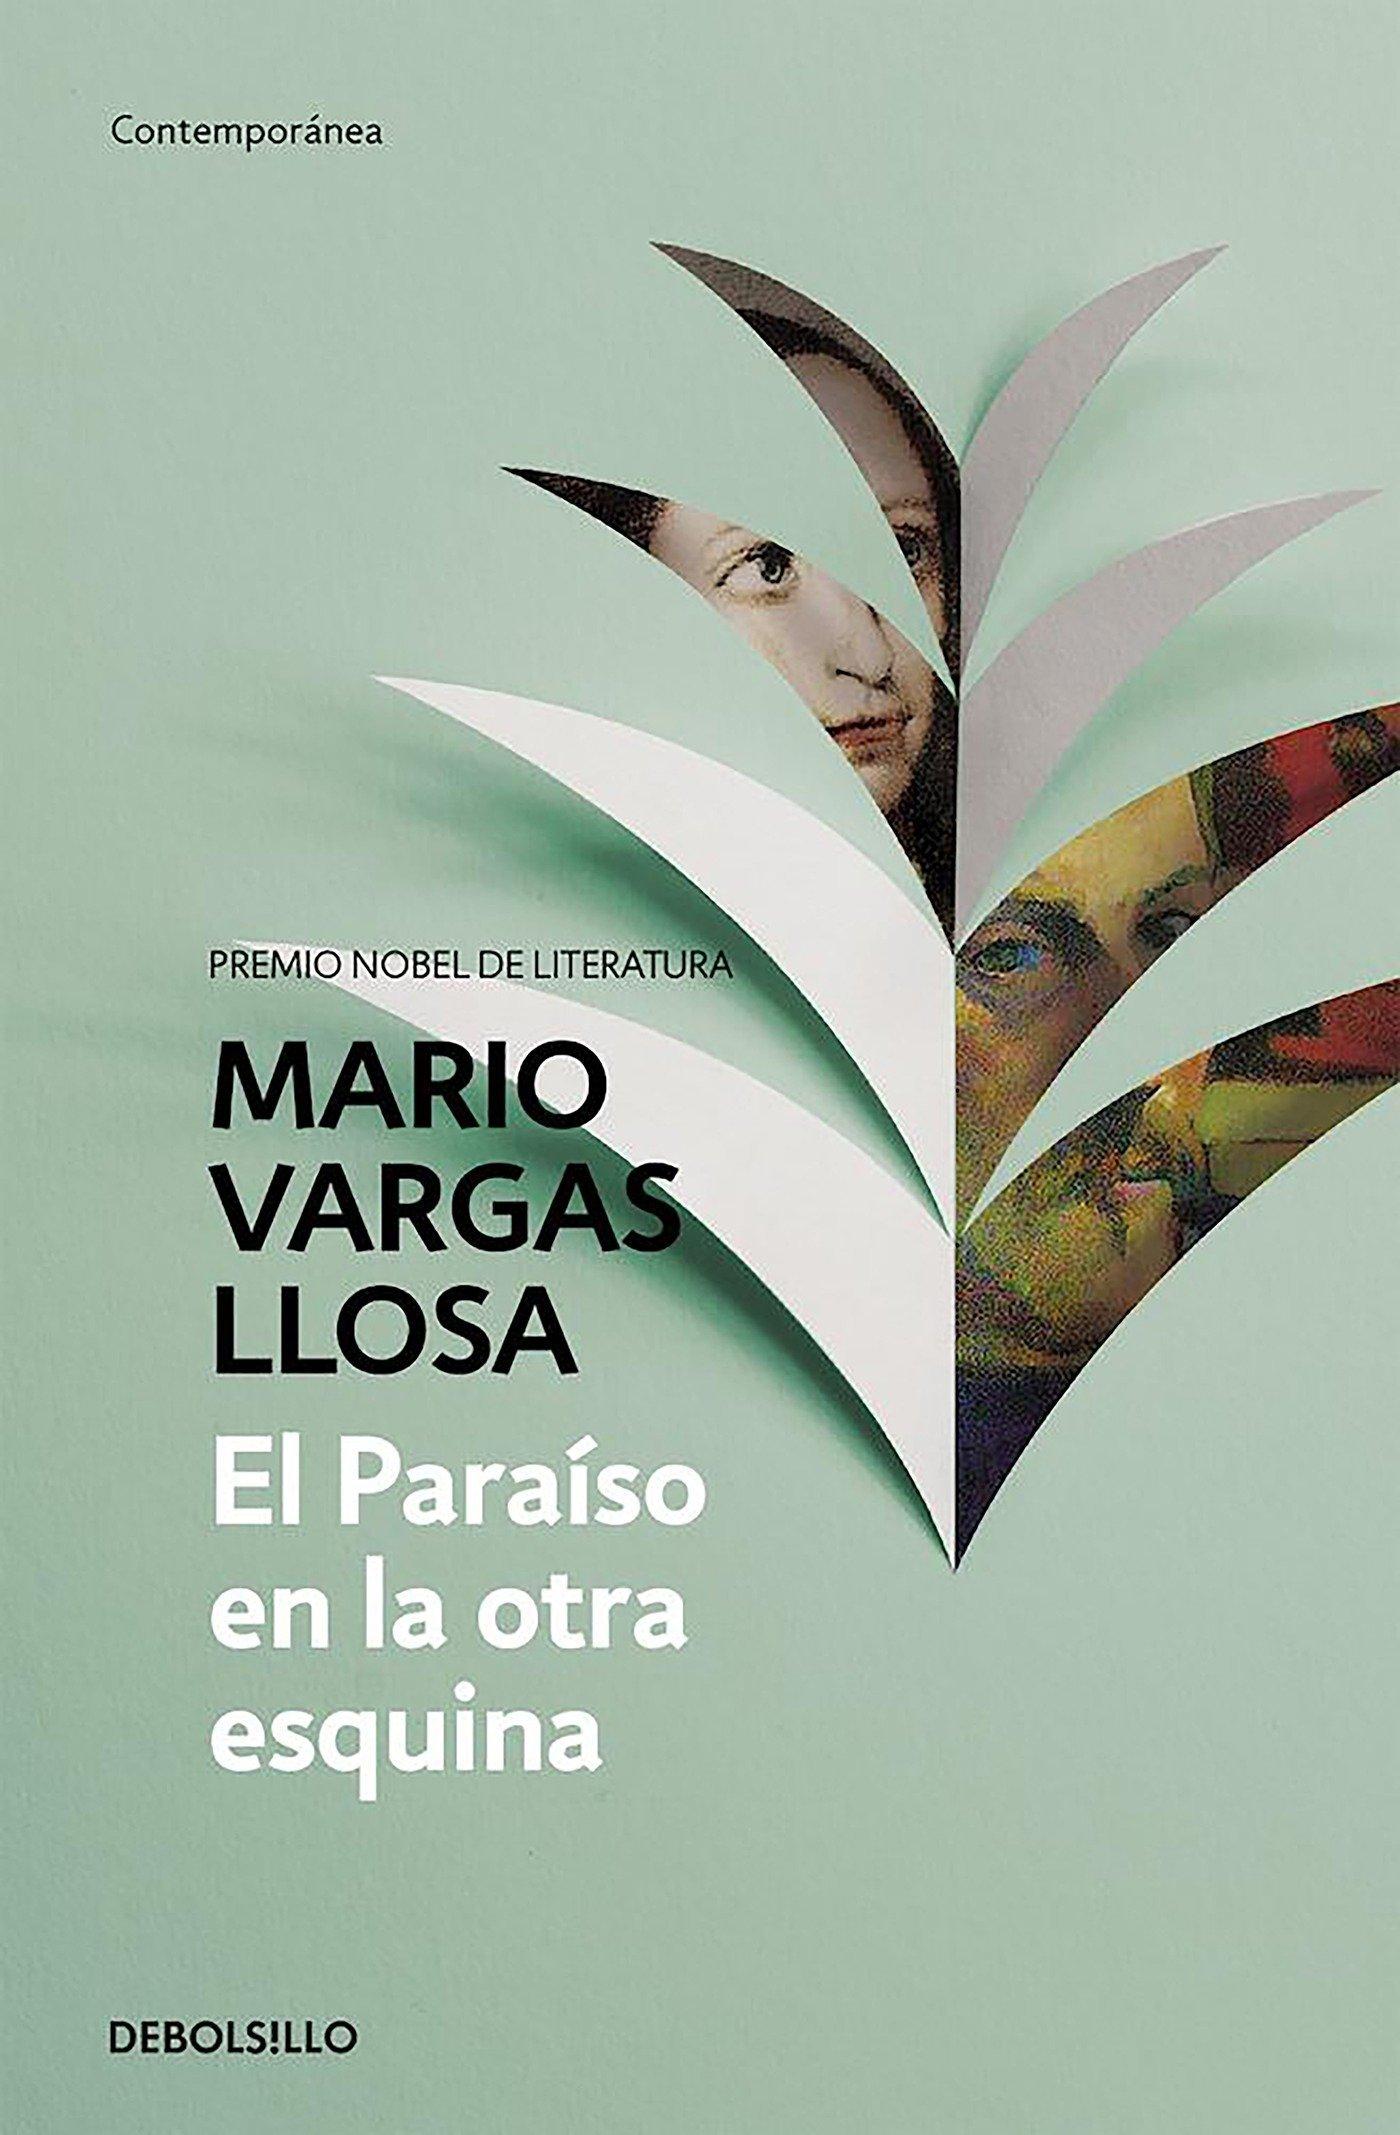 El Paraíso en la otra esquina (CONTEMPORANEA): Amazon.es: Mario Vargas Llosa: Libros